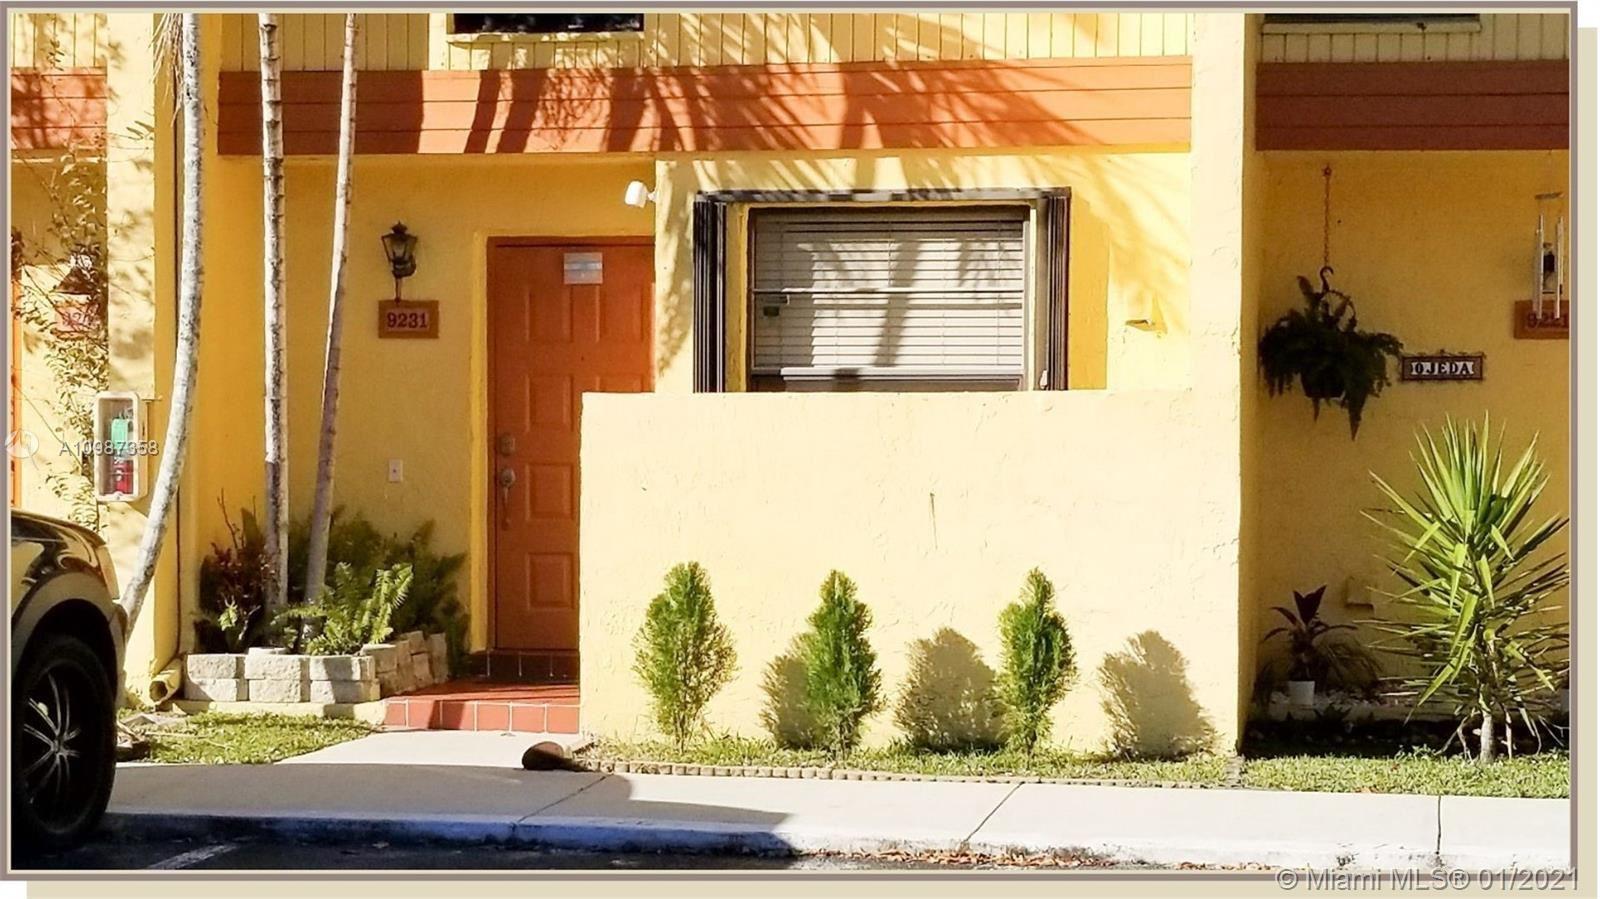 9231 NW 15th Ct #276, Pembroke Pines, FL 33024 - #: A10987358